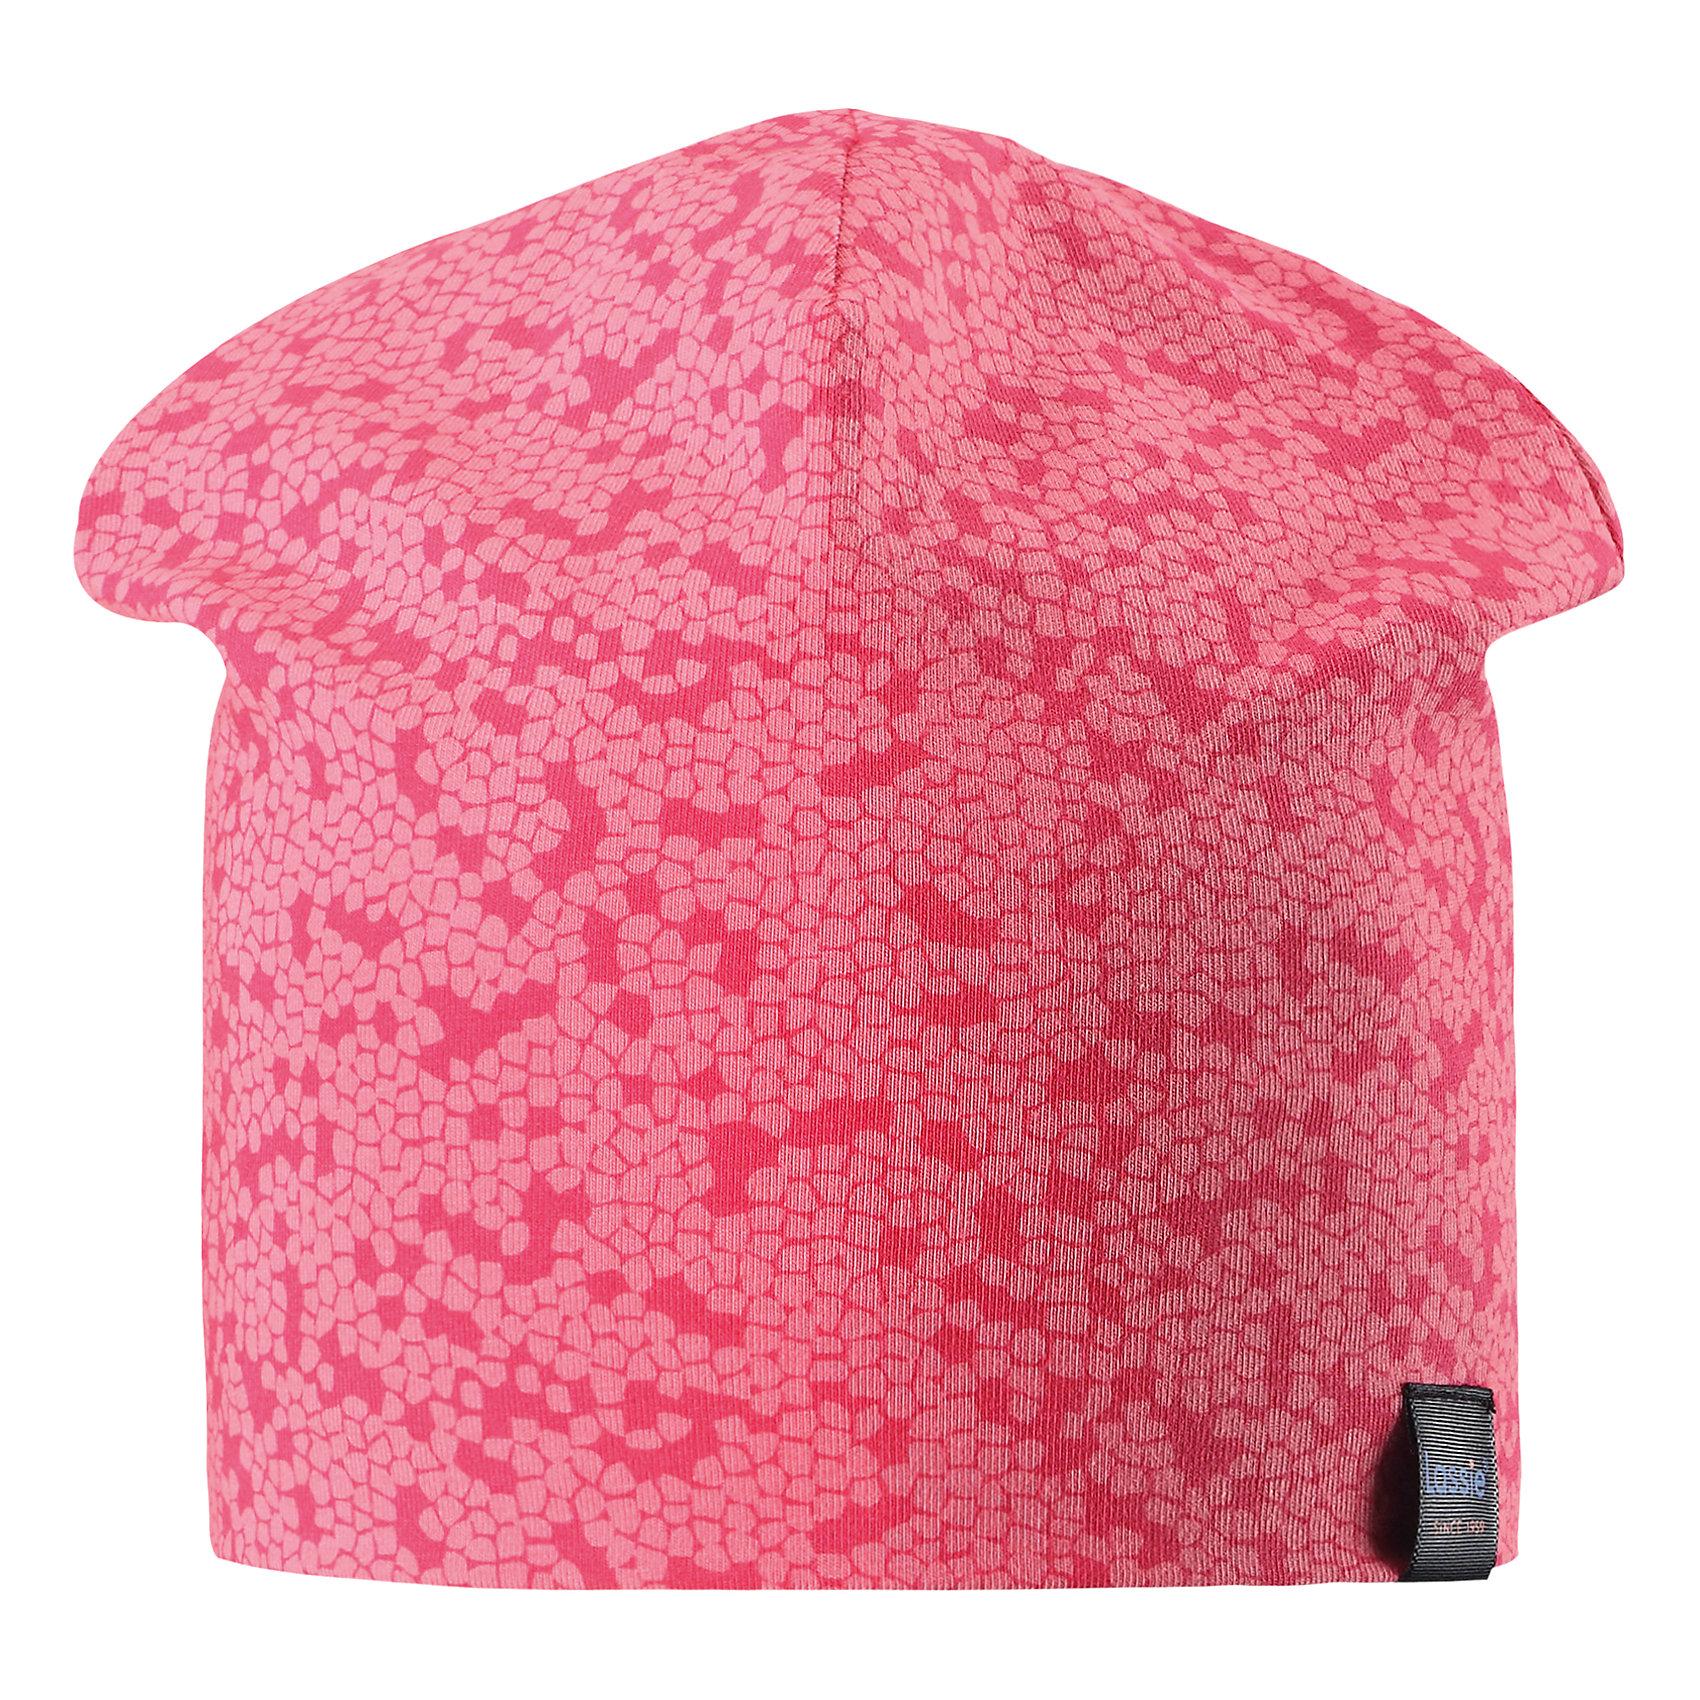 Шапка LASSIEШапки и шарфы<br>Характеристики товара:<br><br>• цвет: розовый<br>• температурный режим: от +15°до +5°С<br>• состав: 97% хлопок, 3% эластан<br>• эластичный материал<br>• мягкая сплошная подкладка: смесь хлопка jersey<br>• ветронепроницаемые вставки в области ушей<br>• принт<br>• комфортная посадка<br>• страна производства: Китай<br>• страна бренда: Финляндия<br>• коллекция: весна-лето 2017<br><br>Детский головной убор может быть модным и удобным одновременно! Стильная шапка поможет обеспечить ребенку комфорт и дополнить наряд. Она отлично смотрится с различной одеждой. Шапка удобно сидит и аккуратно выглядит. Проста в уходе, долго служит. Продуманный крой разрабатывался специально для детей.<br><br>Обувь и одежда от финского бренда LASSIE пользуются популярностью во многих странах. Они стильные, качественные и удобные. Для производства продукции используются только безопасные, проверенные материалы и фурнитура. Порадуйте ребенка модными и красивыми вещами от Lassie®! <br><br>Шапку от финского бренда LASSIE можно купить в нашем интернет-магазине.<br><br>Ширина мм: 89<br>Глубина мм: 117<br>Высота мм: 44<br>Вес г: 155<br>Цвет: красный<br>Возраст от месяцев: 72<br>Возраст до месяцев: 120<br>Пол: Унисекс<br>Возраст: Детский<br>Размер: 54-56,46-48,50-52<br>SKU: 5264231